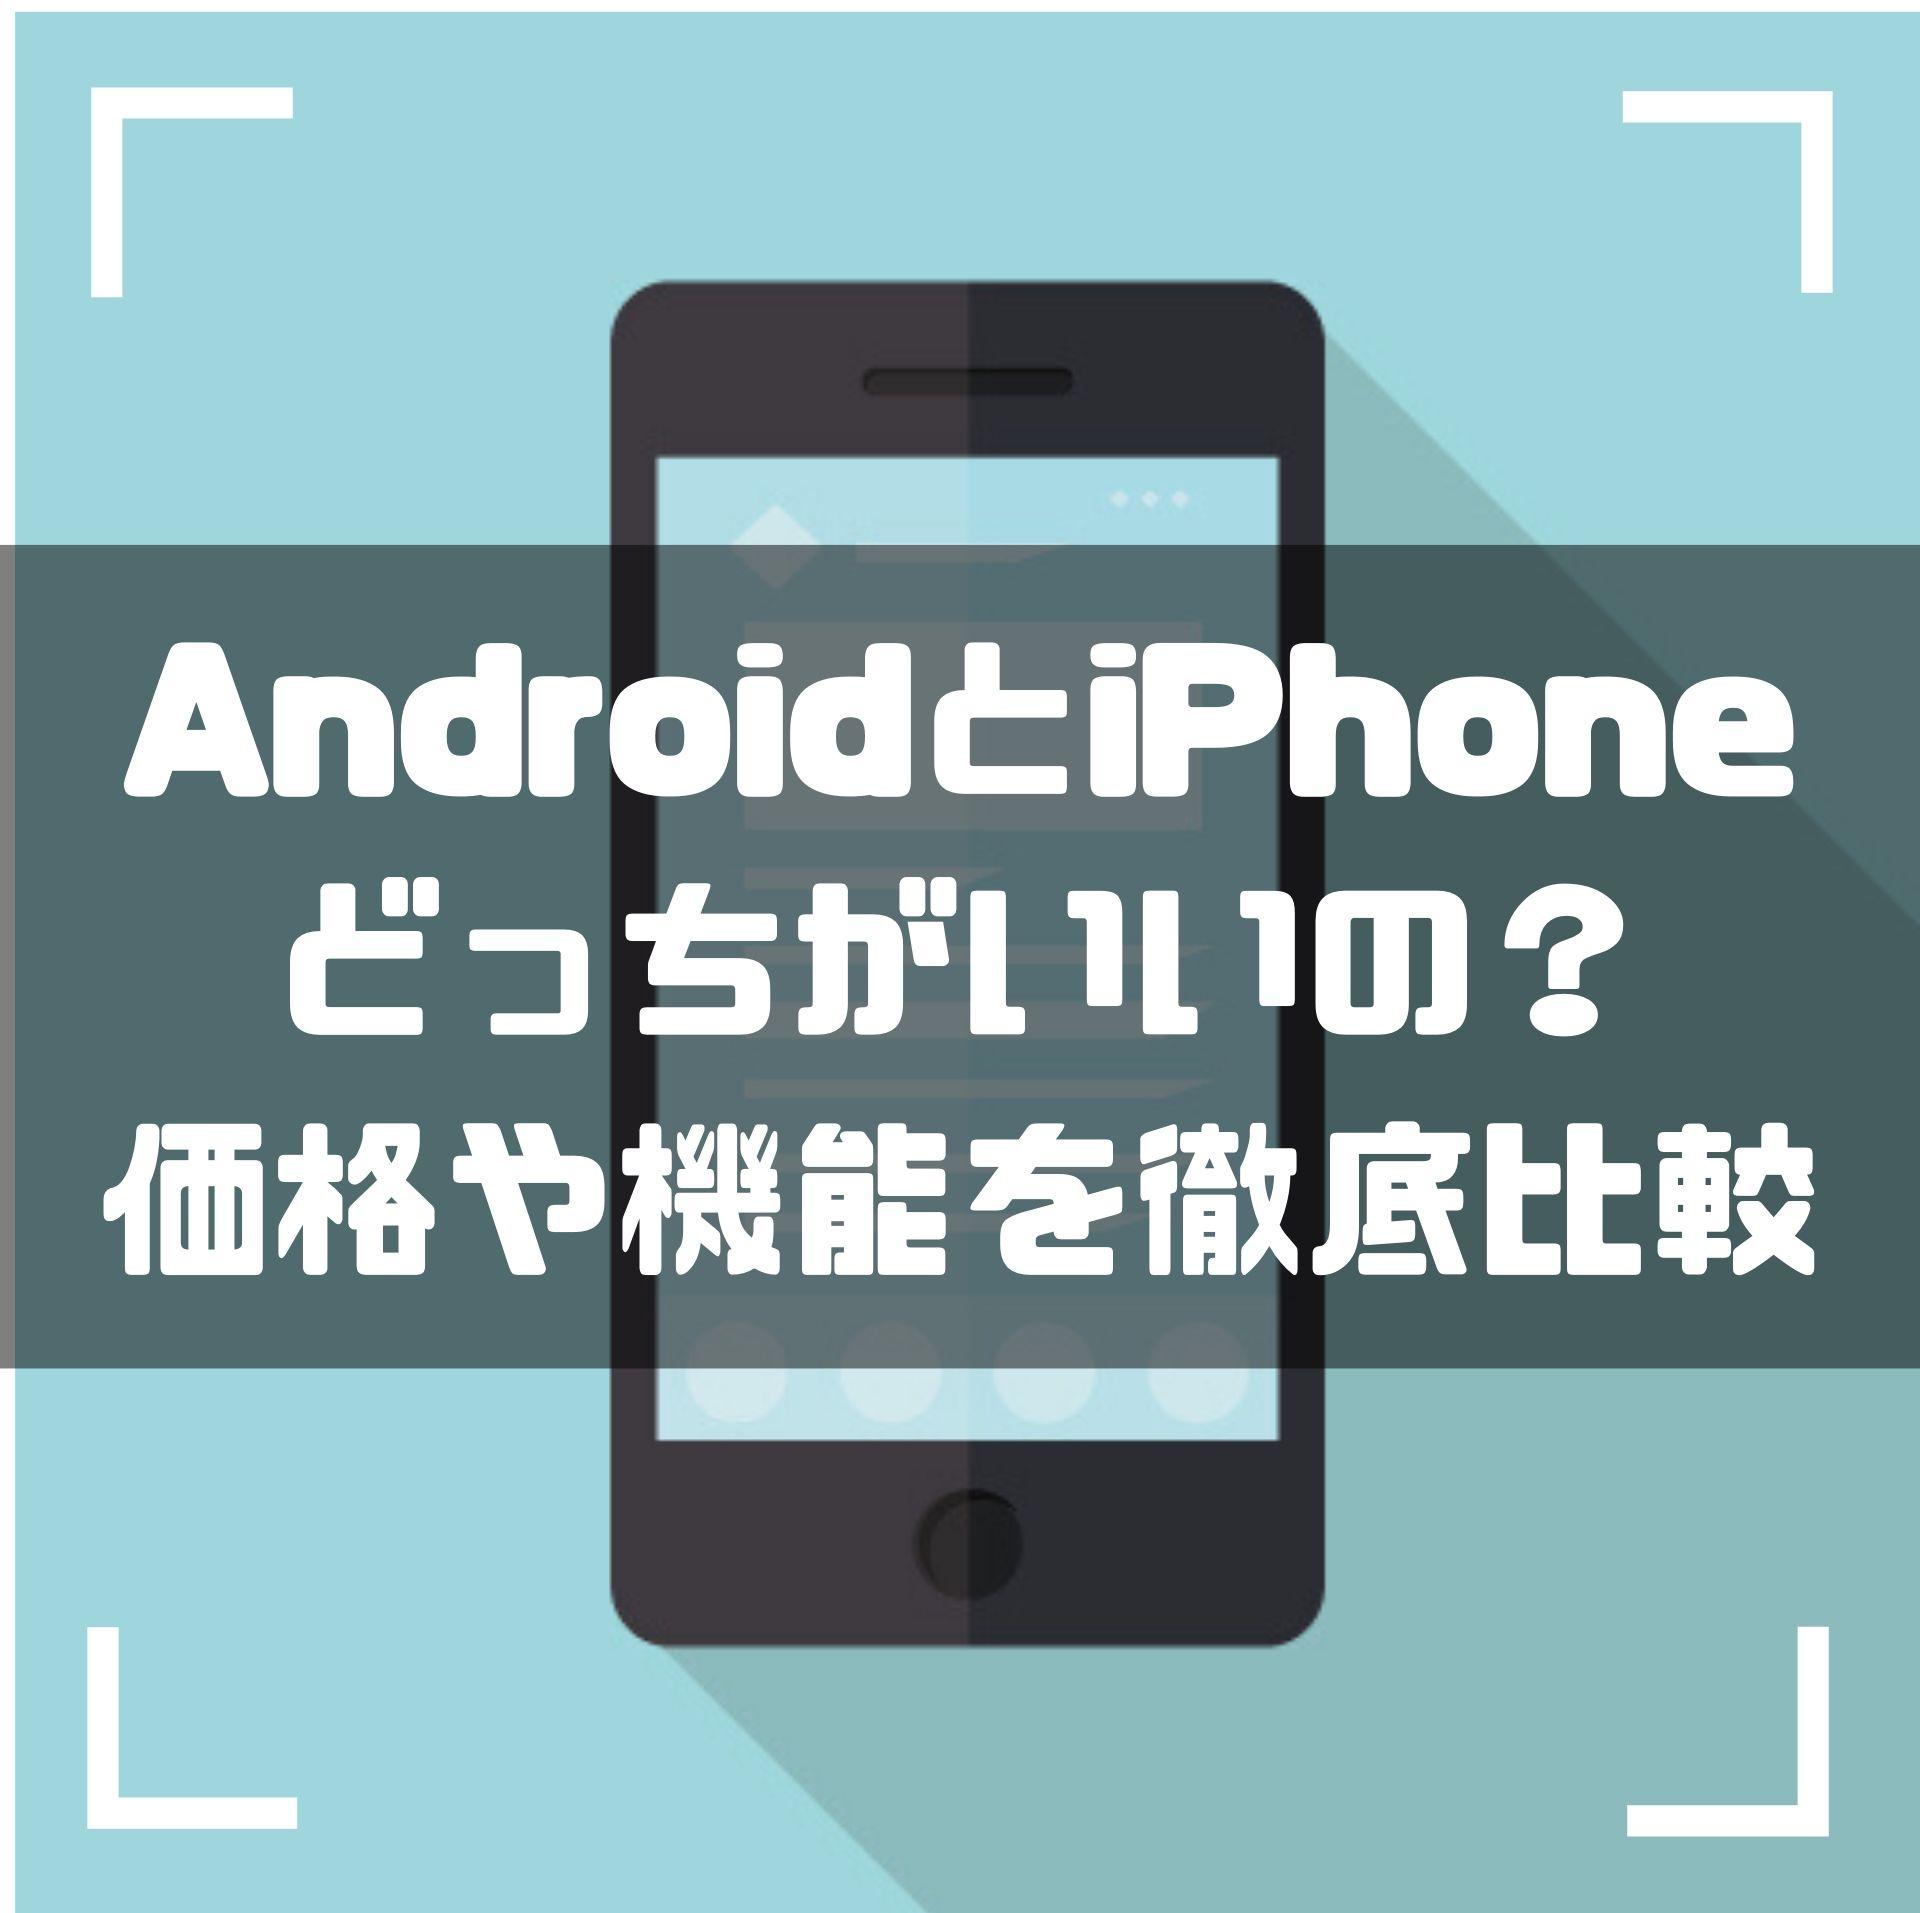 AndroidとiPhoneどっちがいい?比較でわかる後悔しない選び方を徹底解説【2021年最新版】